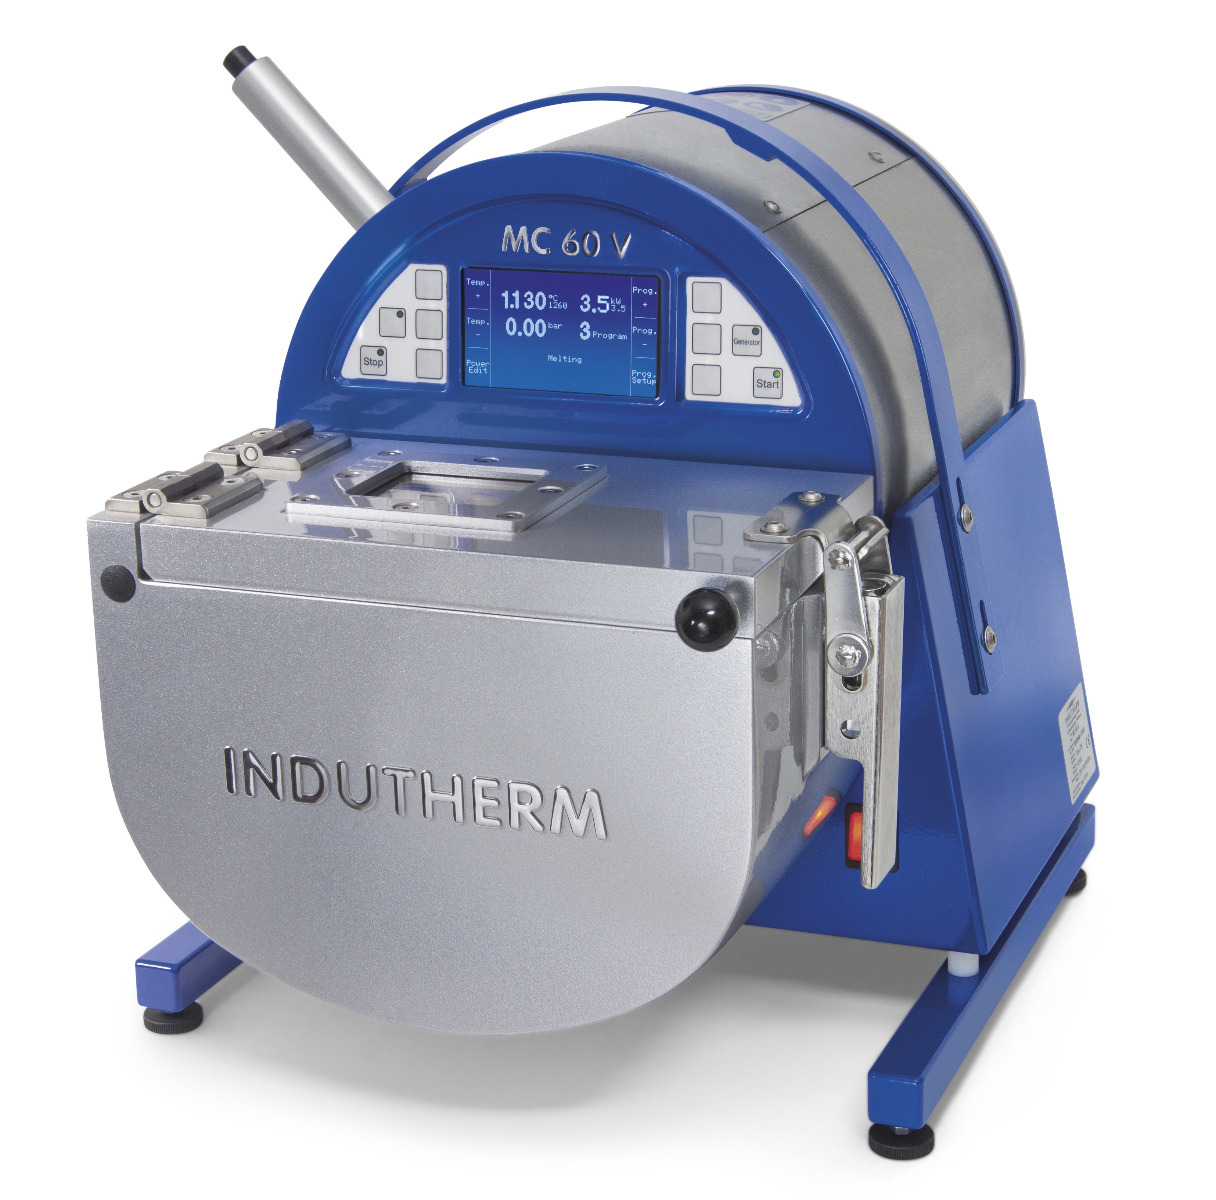 Indutherm MC60V Mini Casting Machine